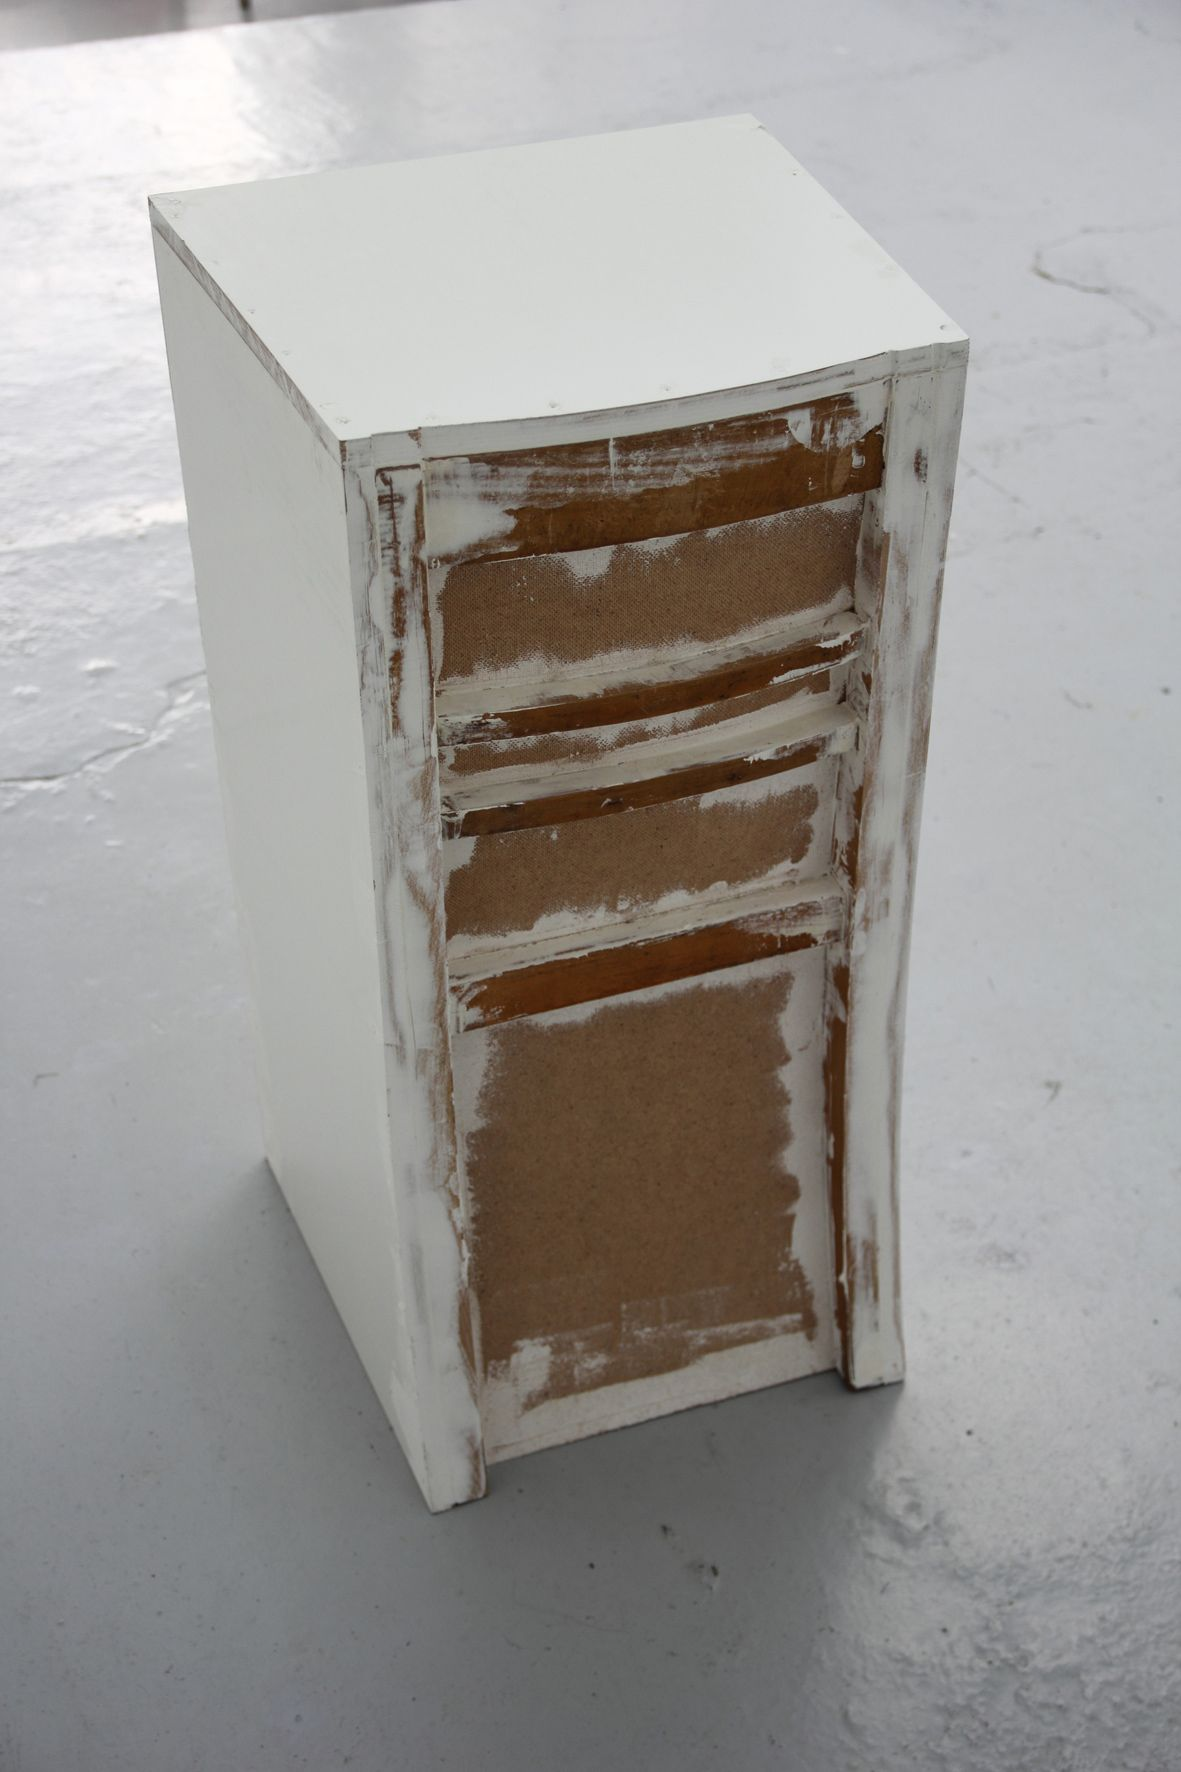 loic-blairon-sans-titre-chaise-2014-bois-et-enduit-86x44x42cm-7876ce5d14e03d3453b00a8eadd4c5c2